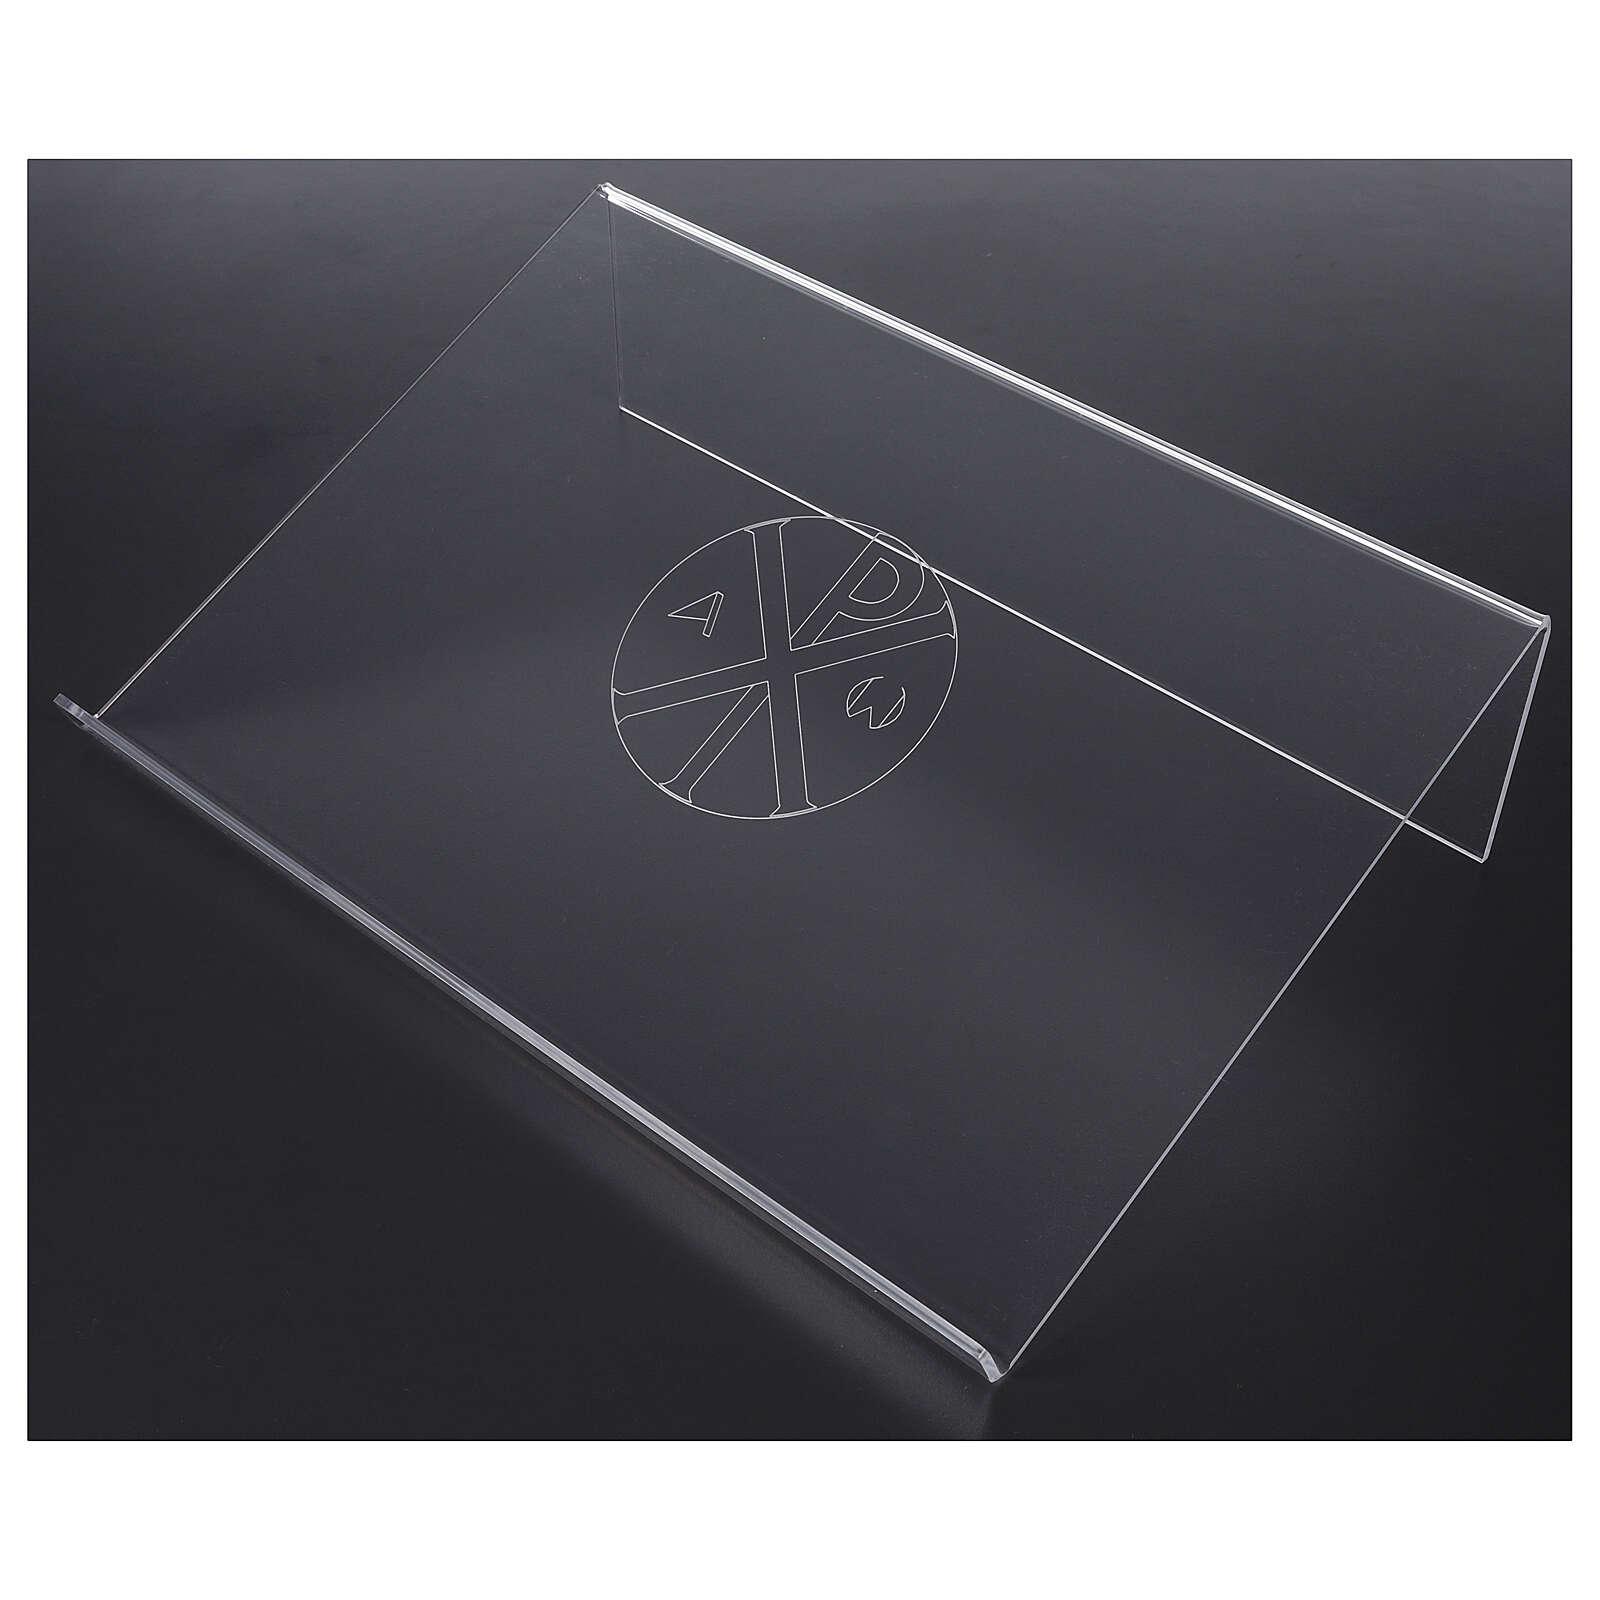 Atril plexiglás con incisión PX 25x35 cm   4